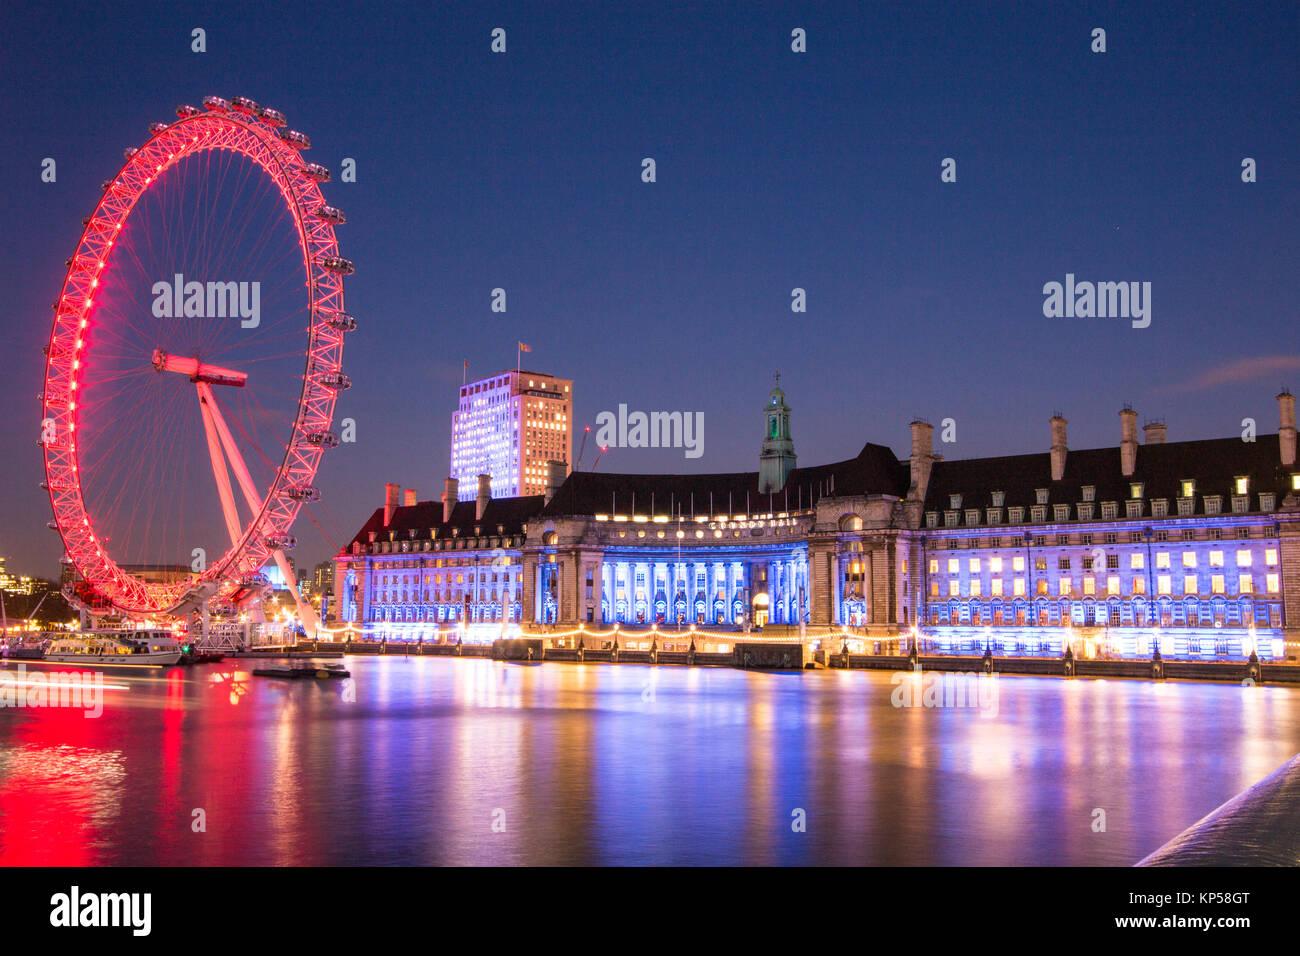 Berühmte Londoner Wahrzeichen, das London Eye und das London Aquarium, beleuchtet bei Nacht Stockbild